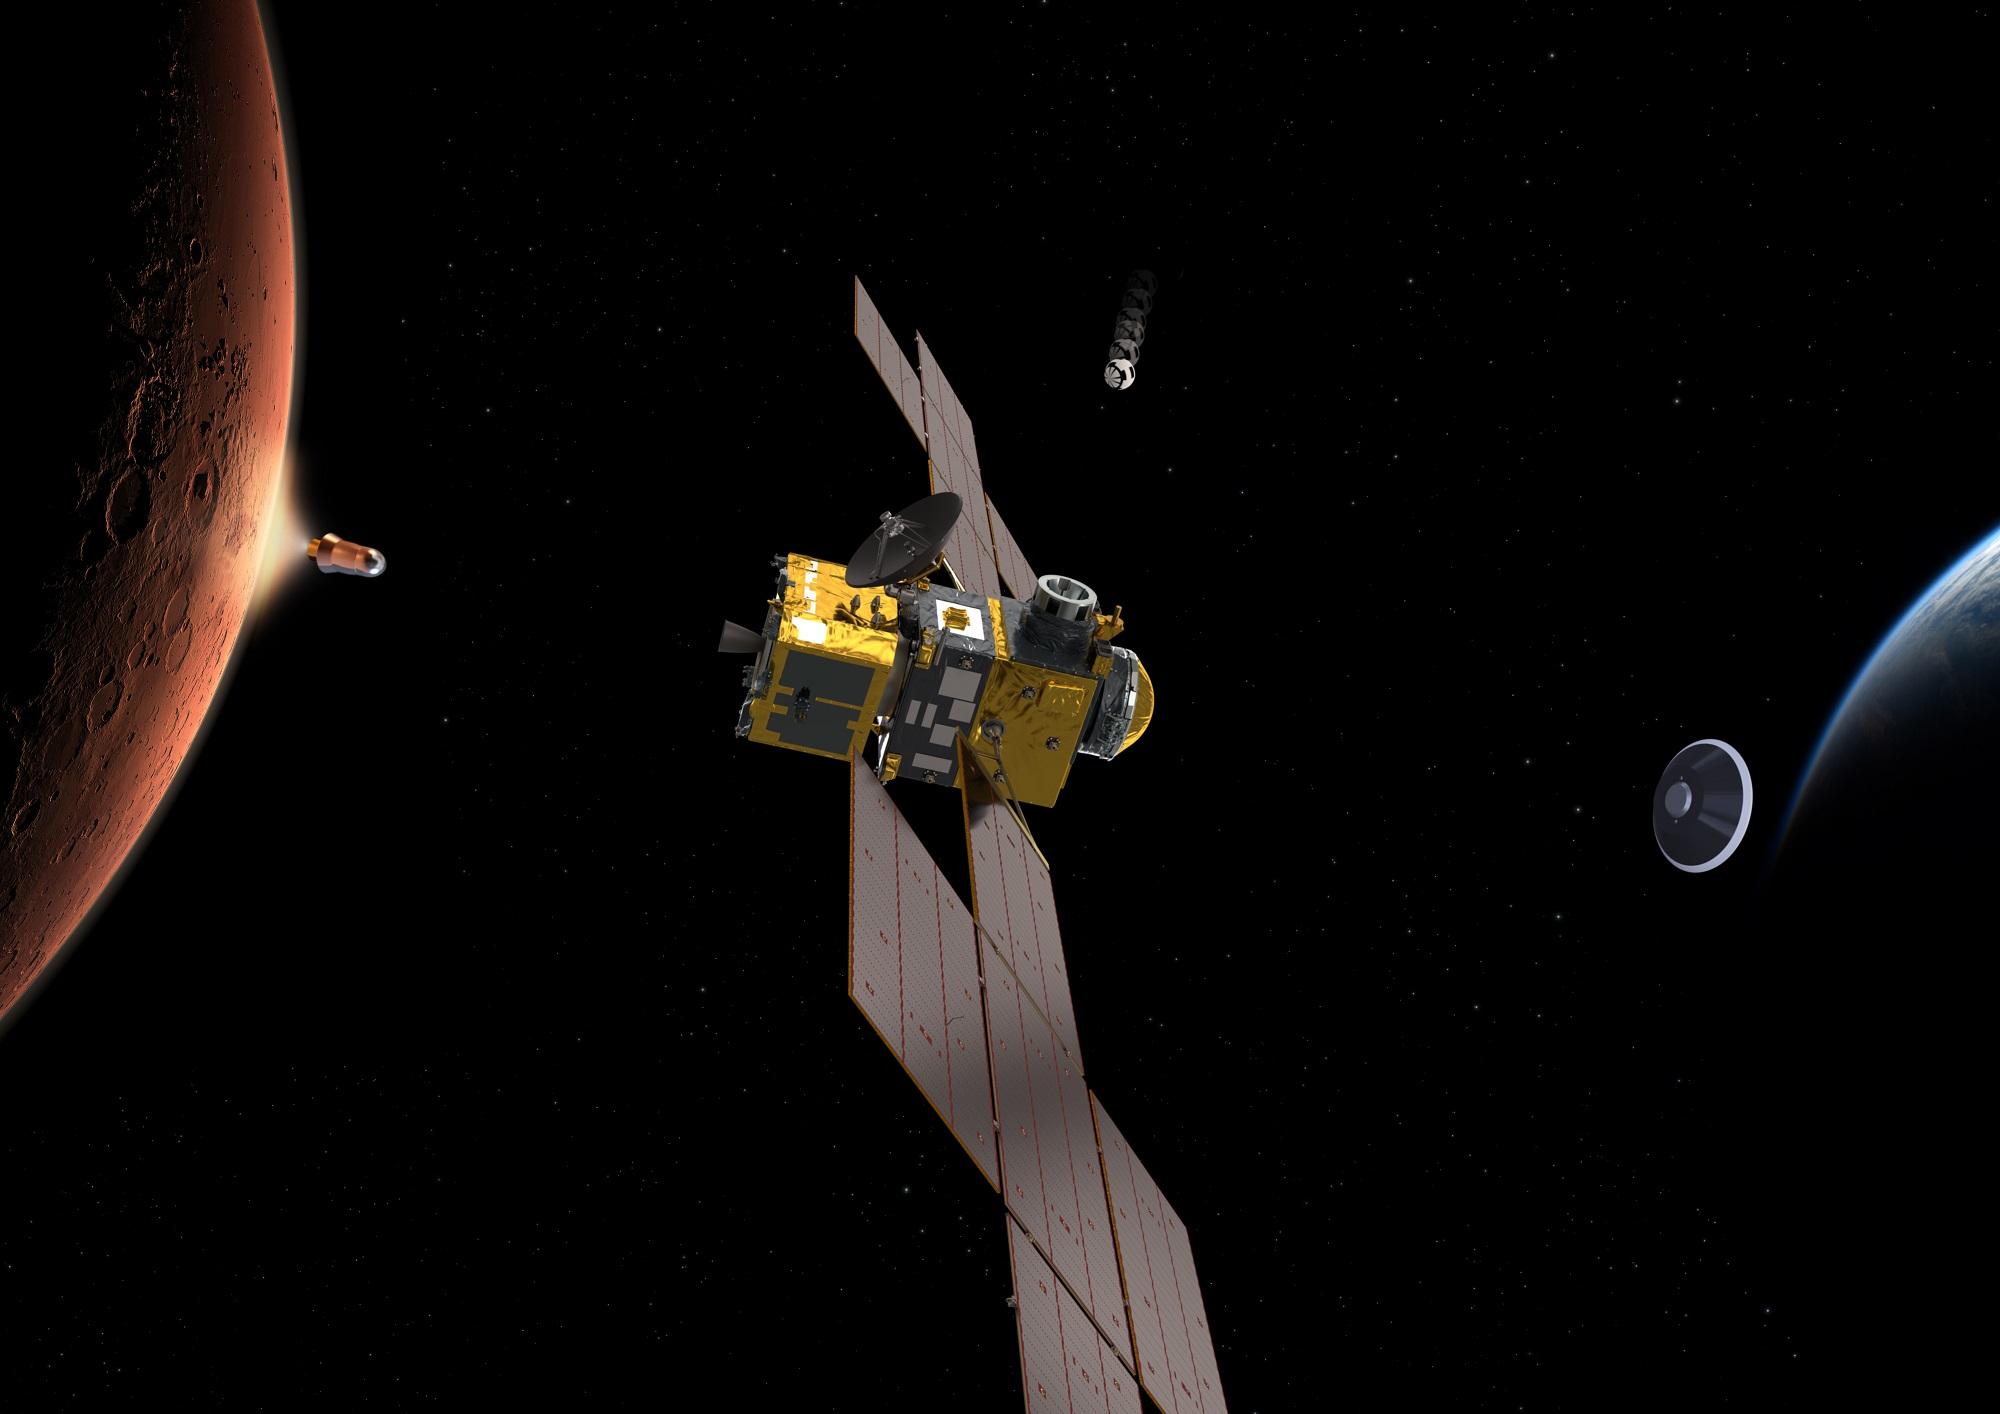 Mars Ascent Vehicle skyter opp prøvene fra Mars (til venstre). Earth Return Orbiter (midten) fanger så inn prøvene i bane rundt vår røde naboplanet, frakter dem til jorda og frigir dem i en landingskapsel (til høyre). Grafikk: ESA/ATG medialab